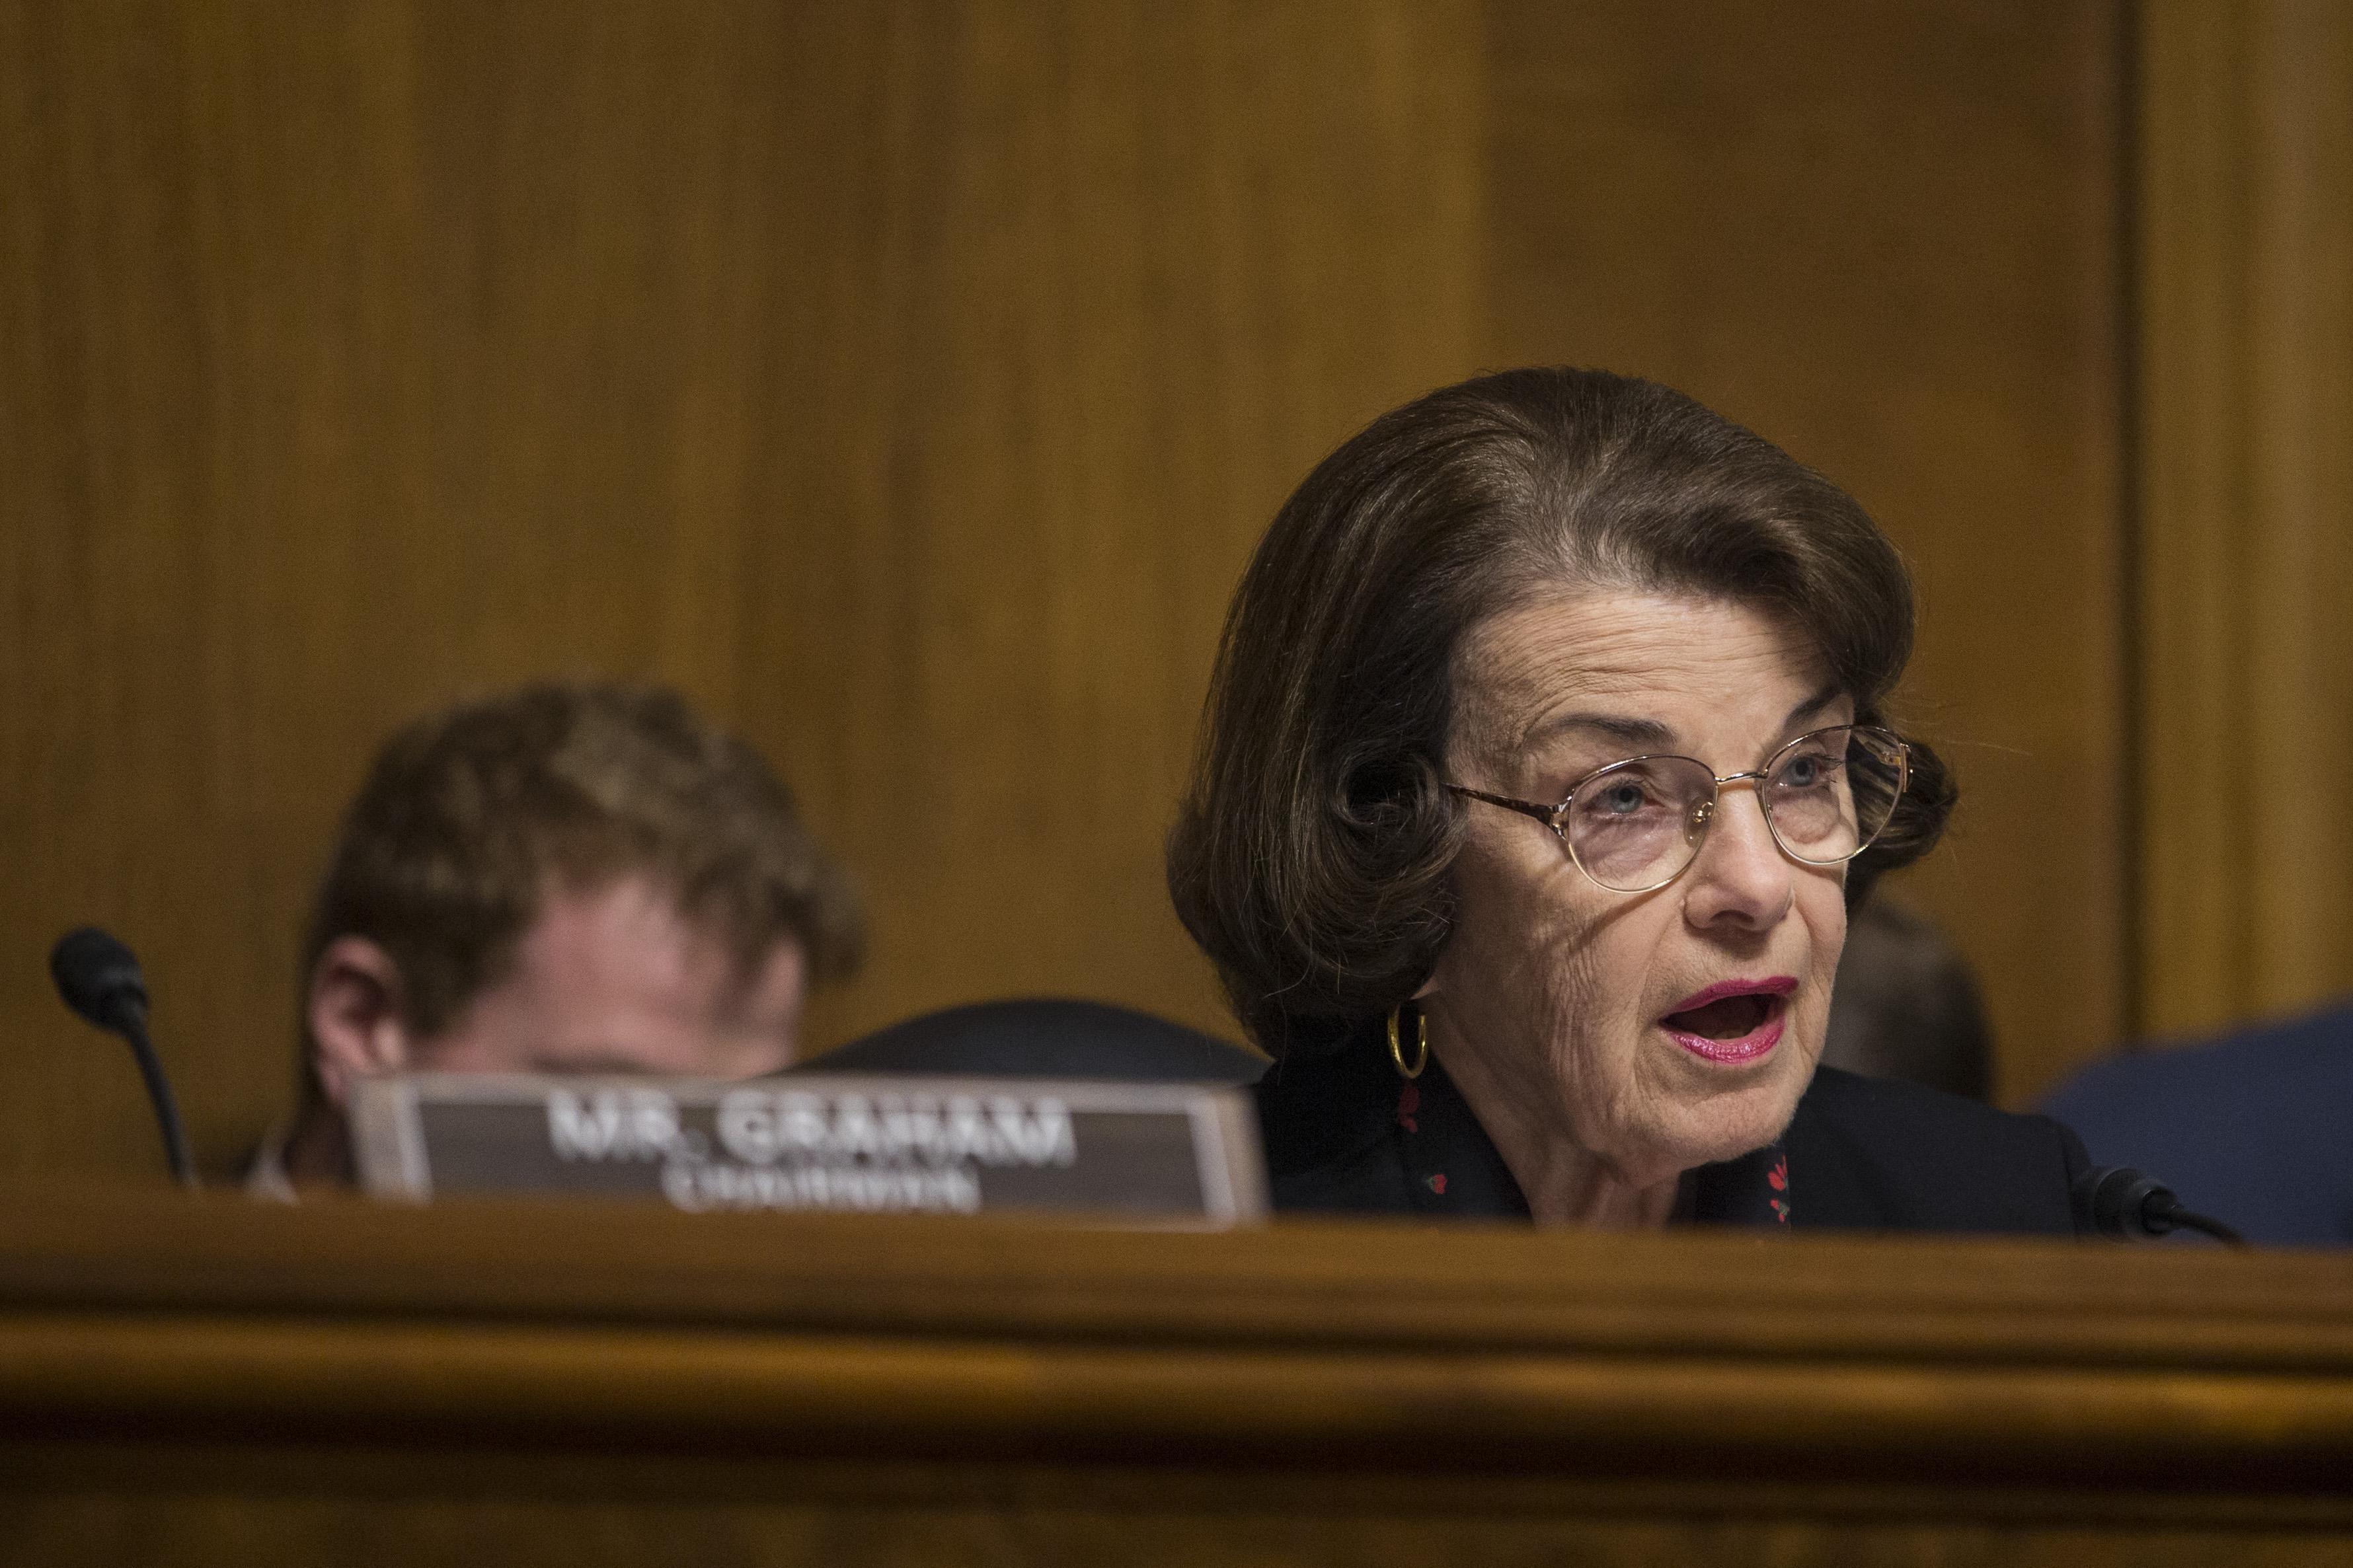 Sen. Dianne Feinstein (D-CA) speaks on Capitol Hill on February 5, 2019 in Washington, D.C.